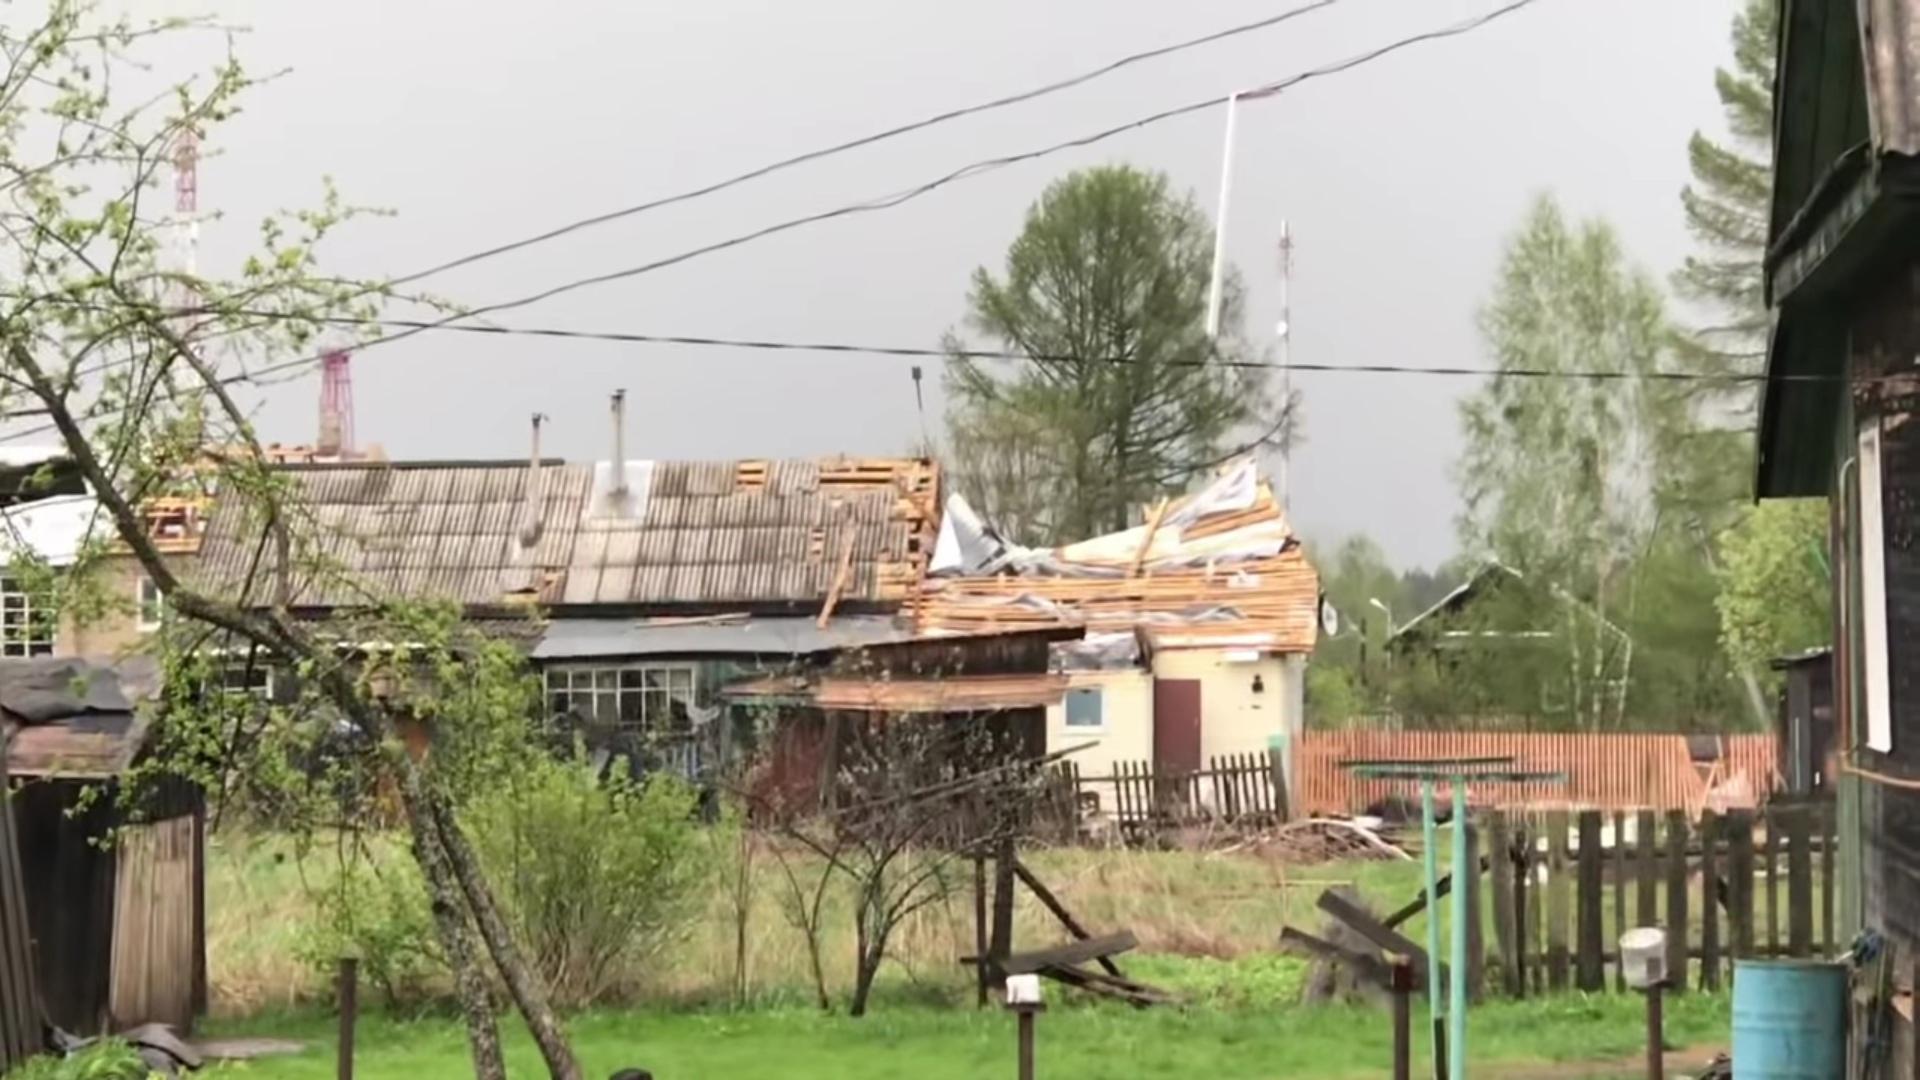 В Любиме безвозмездно предоставят 880 листов шифера для ремонта крыш, пострадавших от урагана